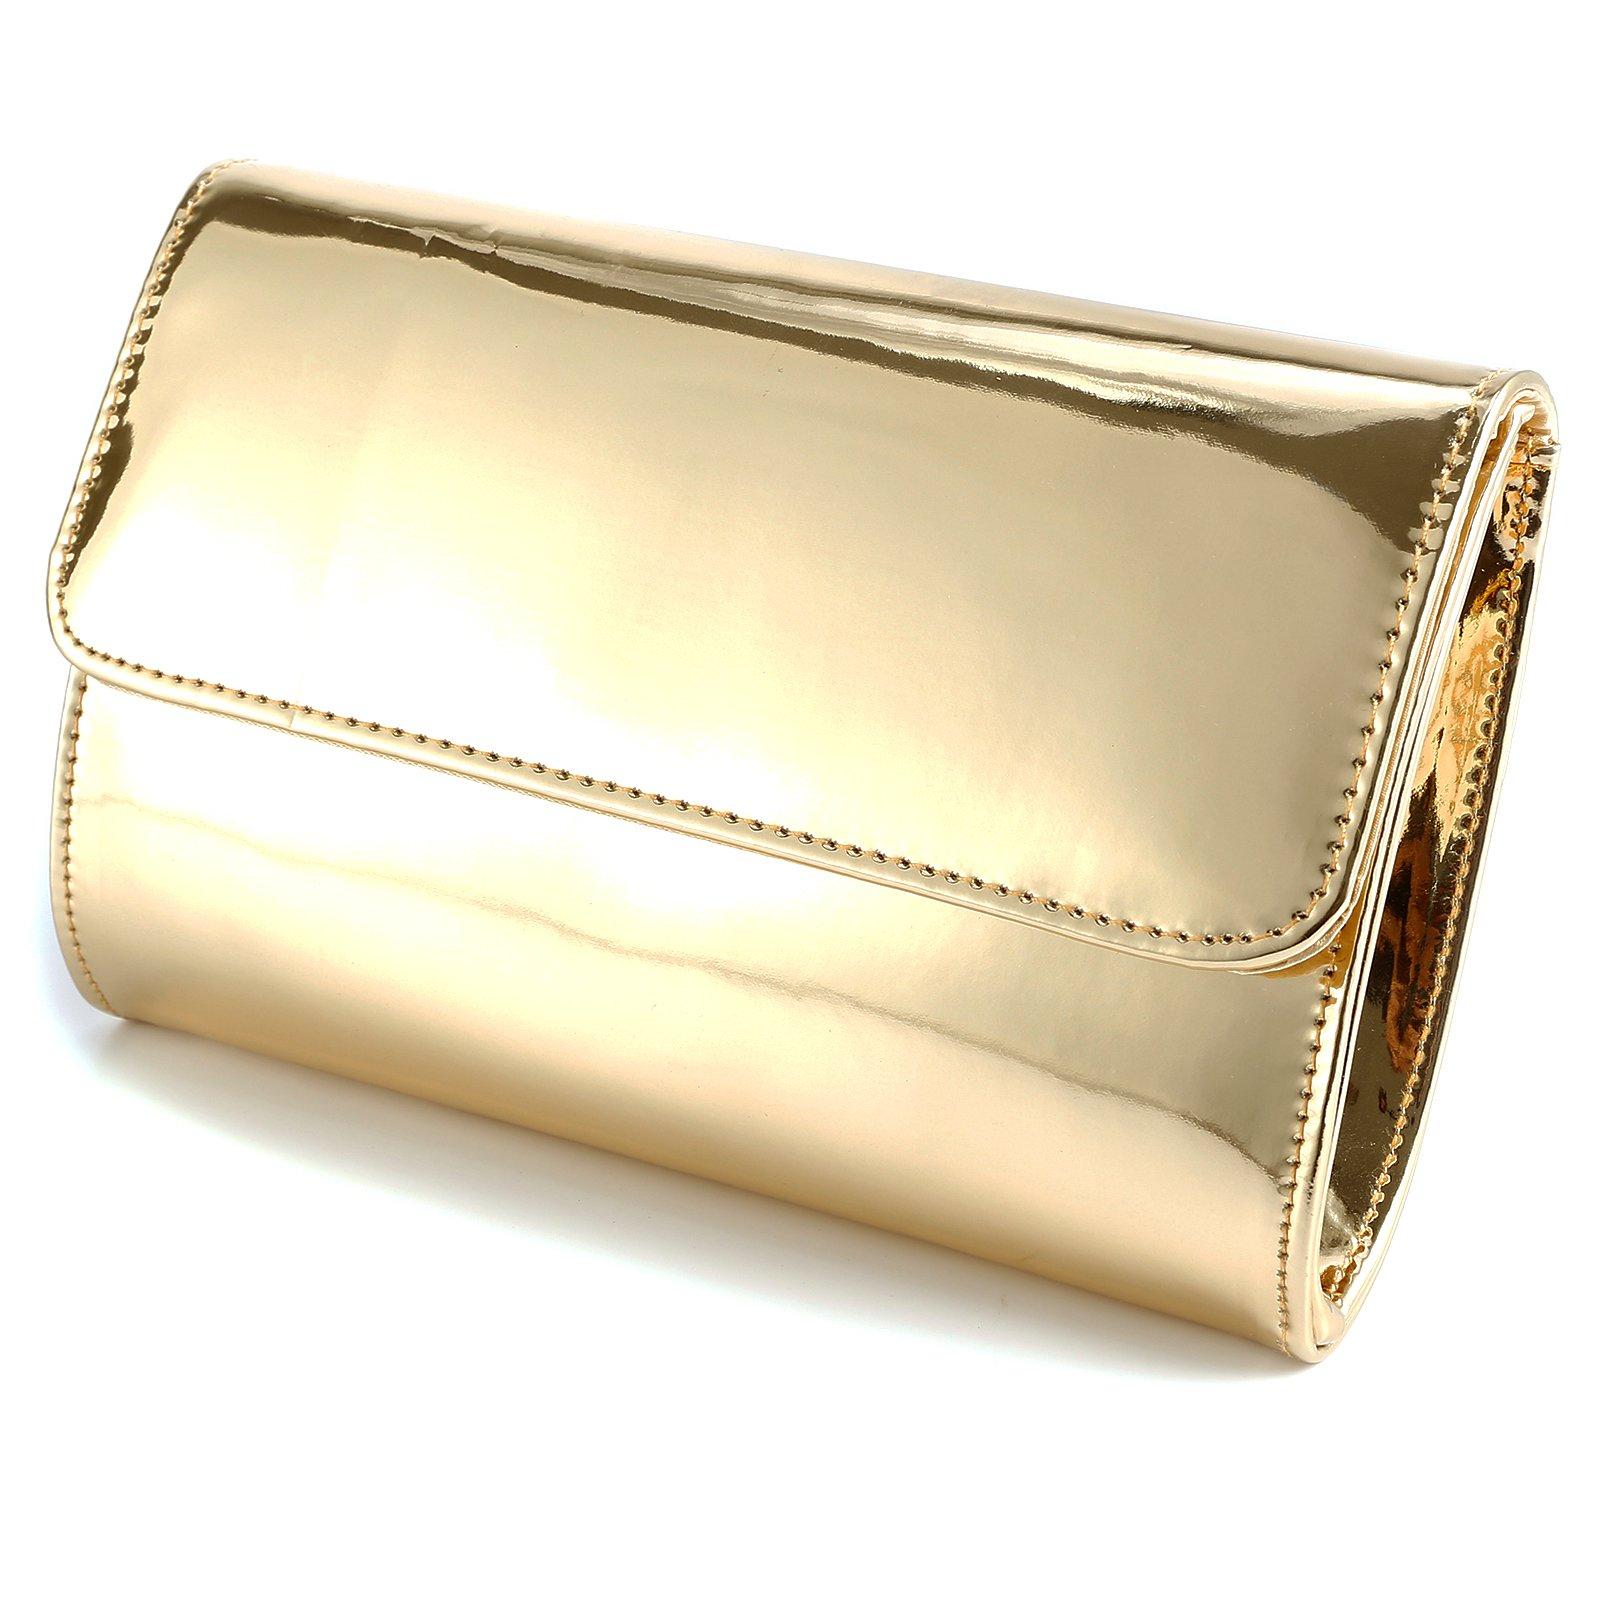 Fraulein38 Designer Mirror Metallic Women Clutch Patent Evening Bag by Fraulein38 (Image #1)